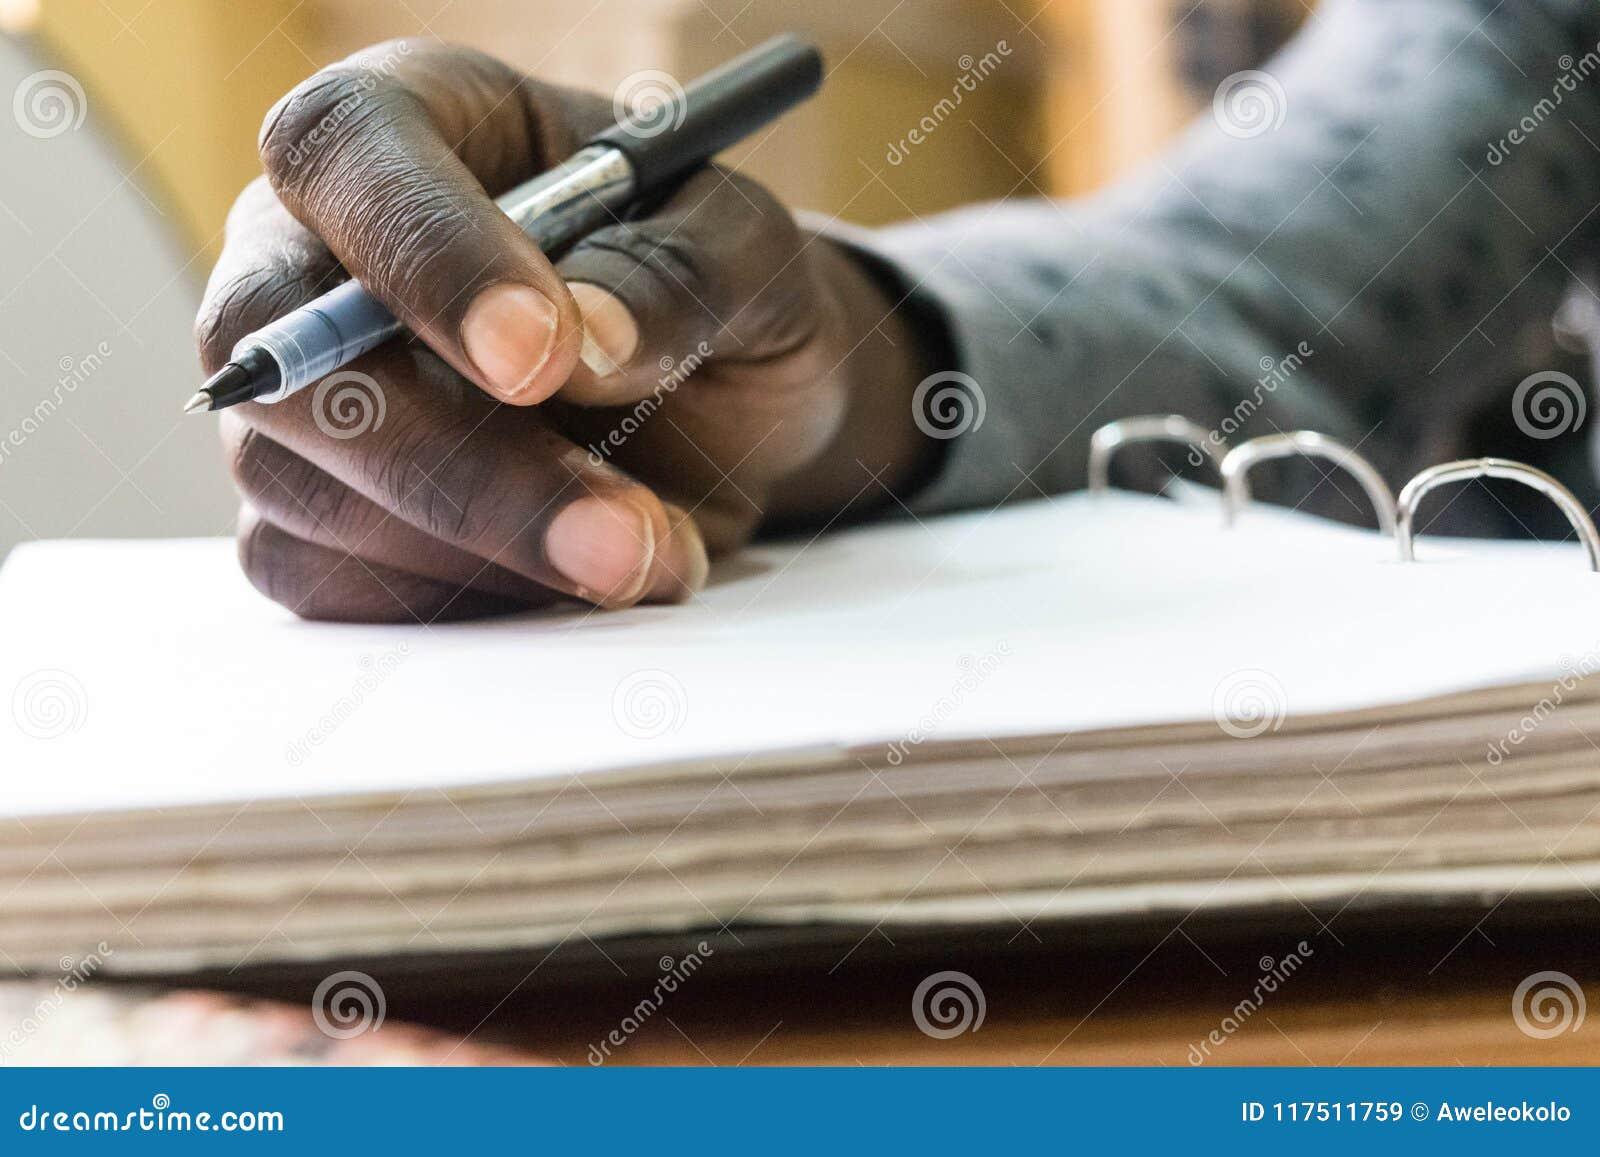 Африканская ручка удерживания человека в руке, который нужно написать на пустой белой бумаге